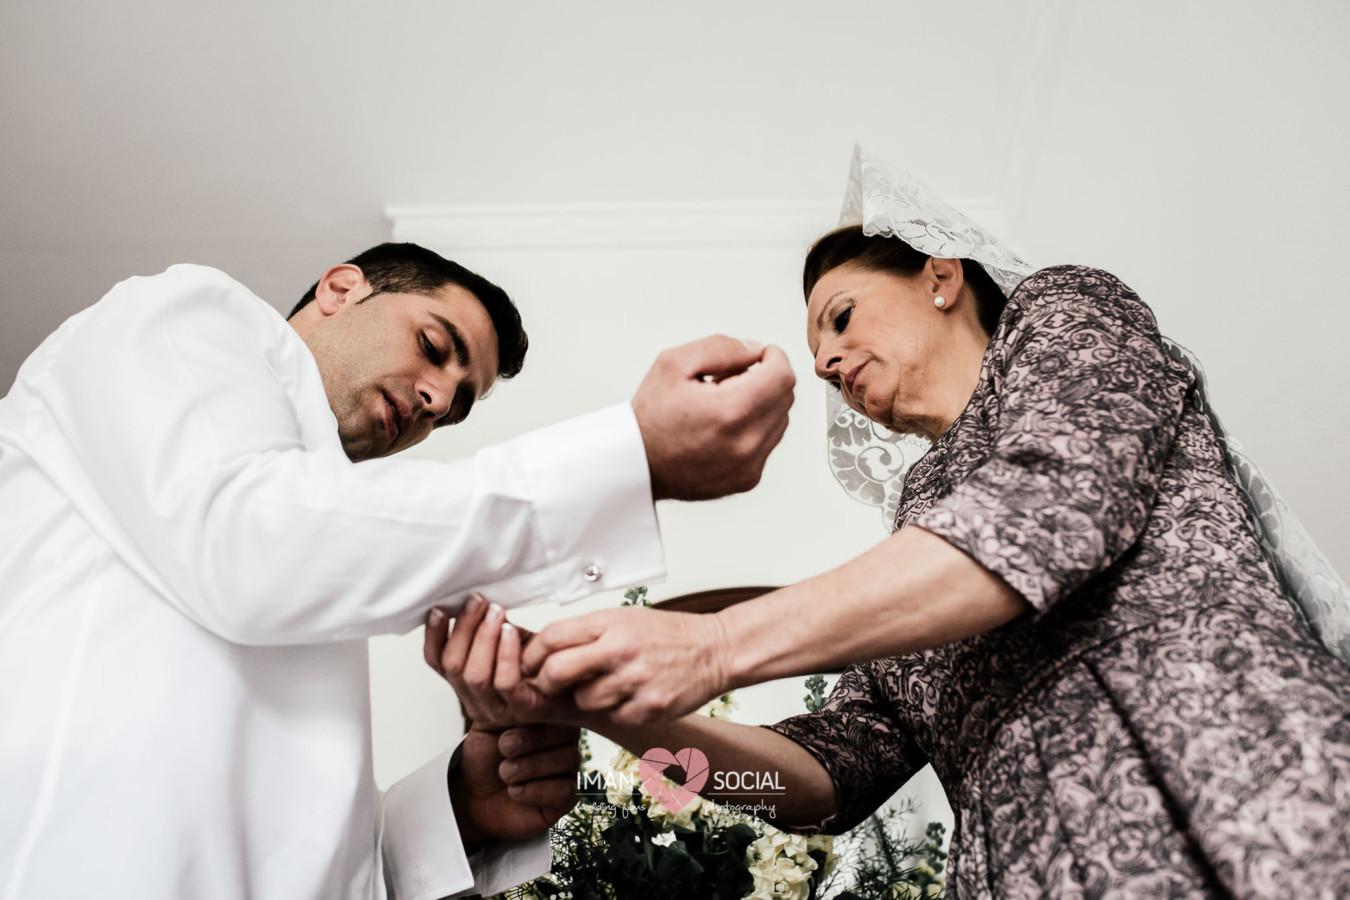 fotografo-de-boda-en-cordoba-sevilla-posadas-boda-auxi-y-antonio-02 Auxi & Antonio, primera boda de la temporada - video boda cordoba